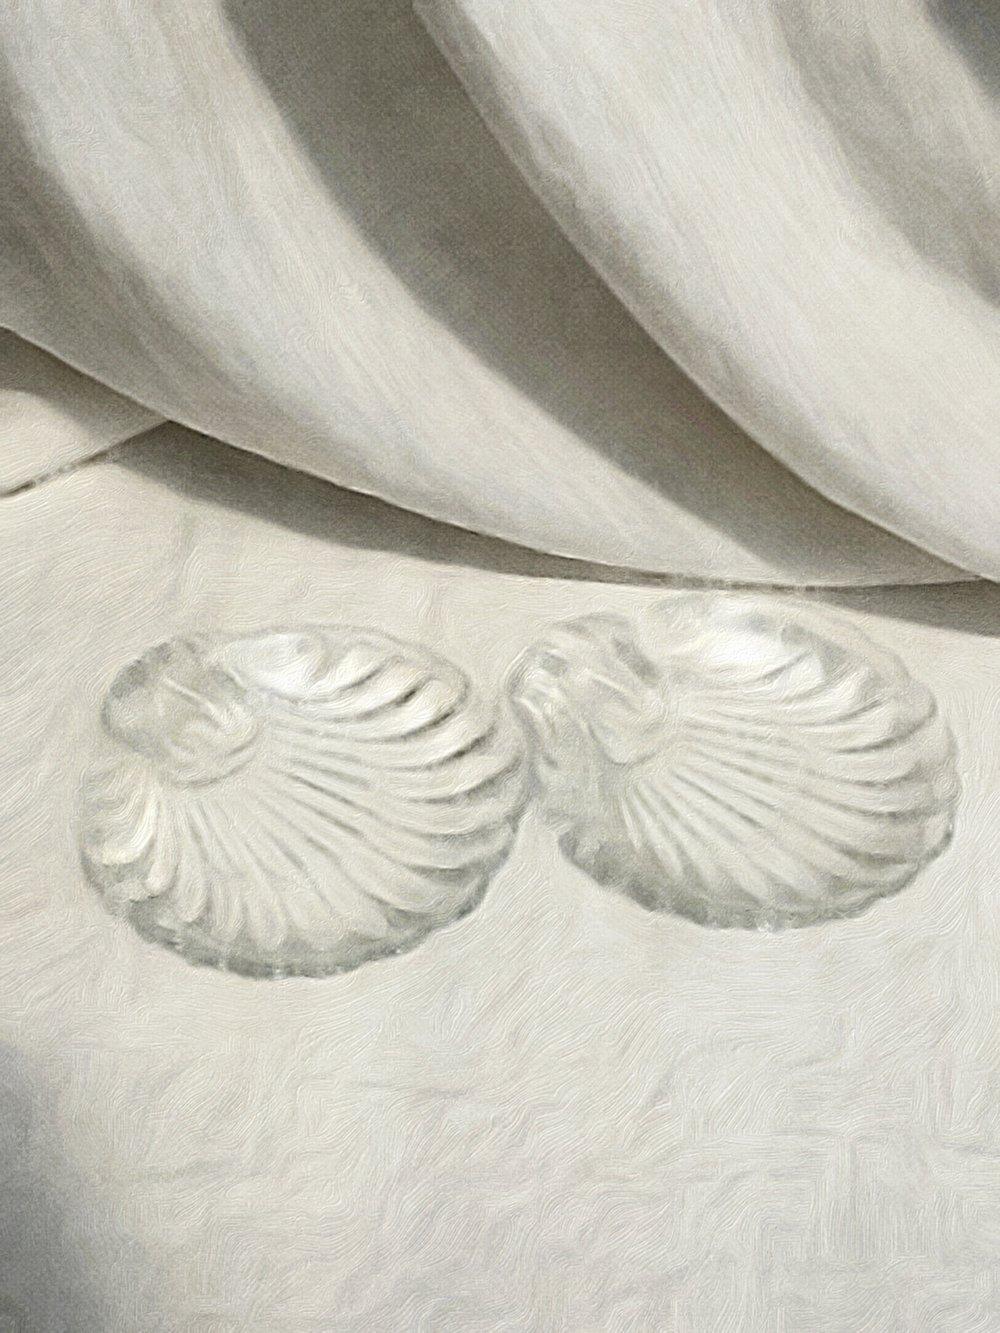 Glass shell dish